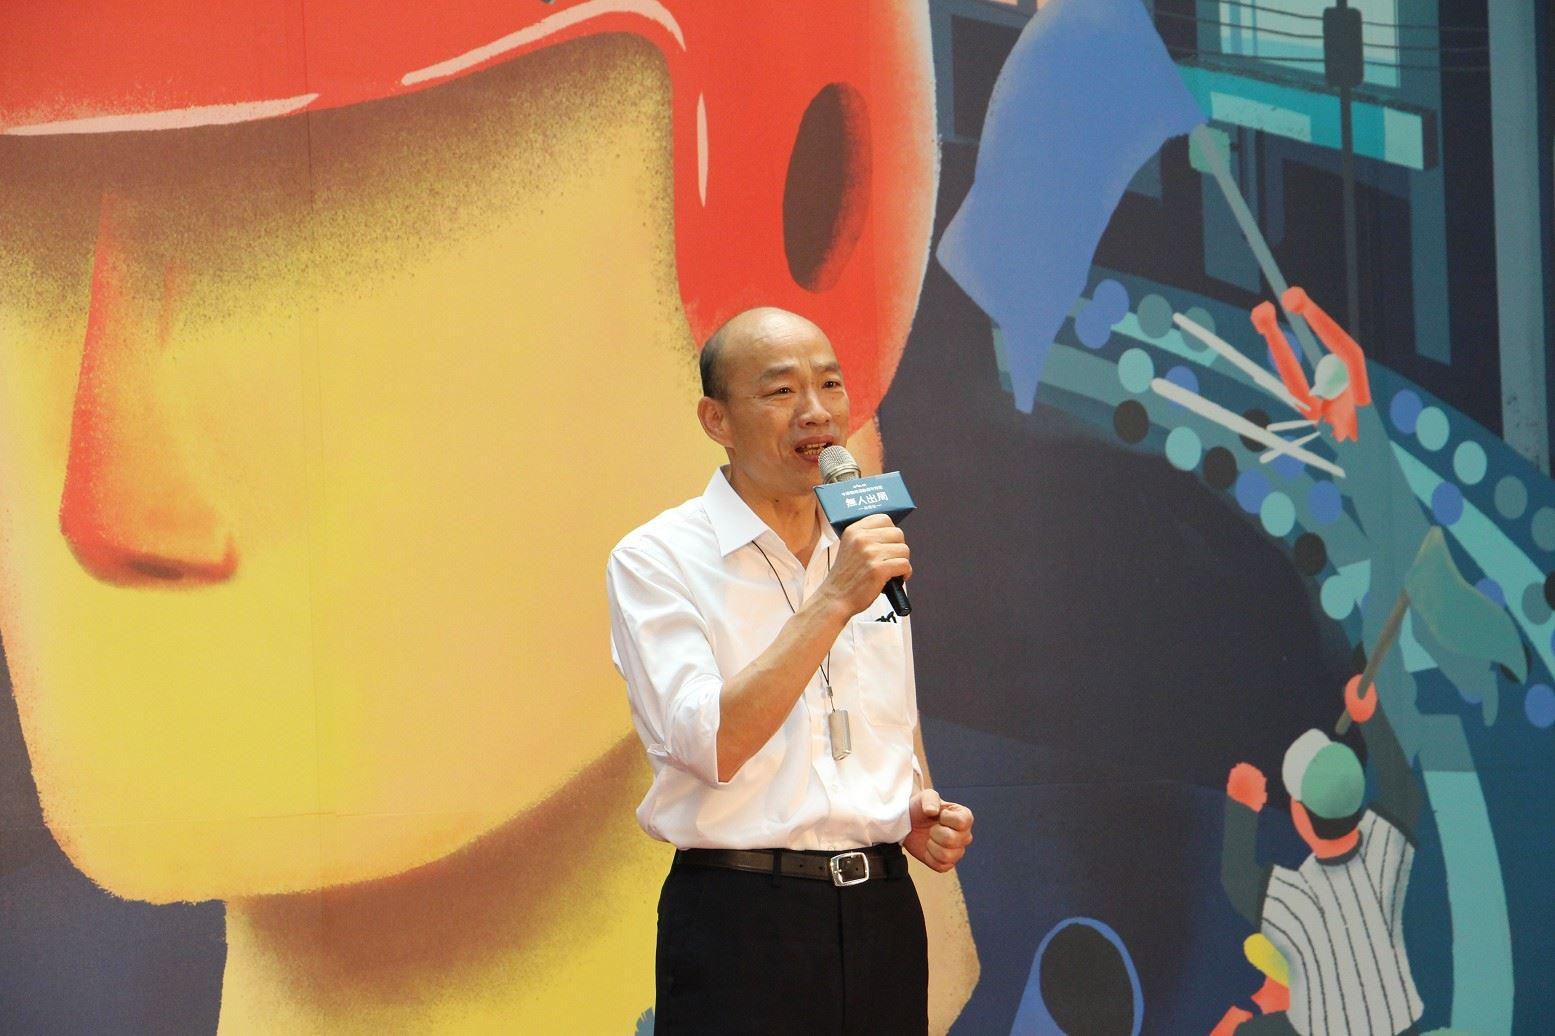 中華職棒30週年特展高雄登場 韓國瑜:盡力協助職棒發展_通稿1.jpg